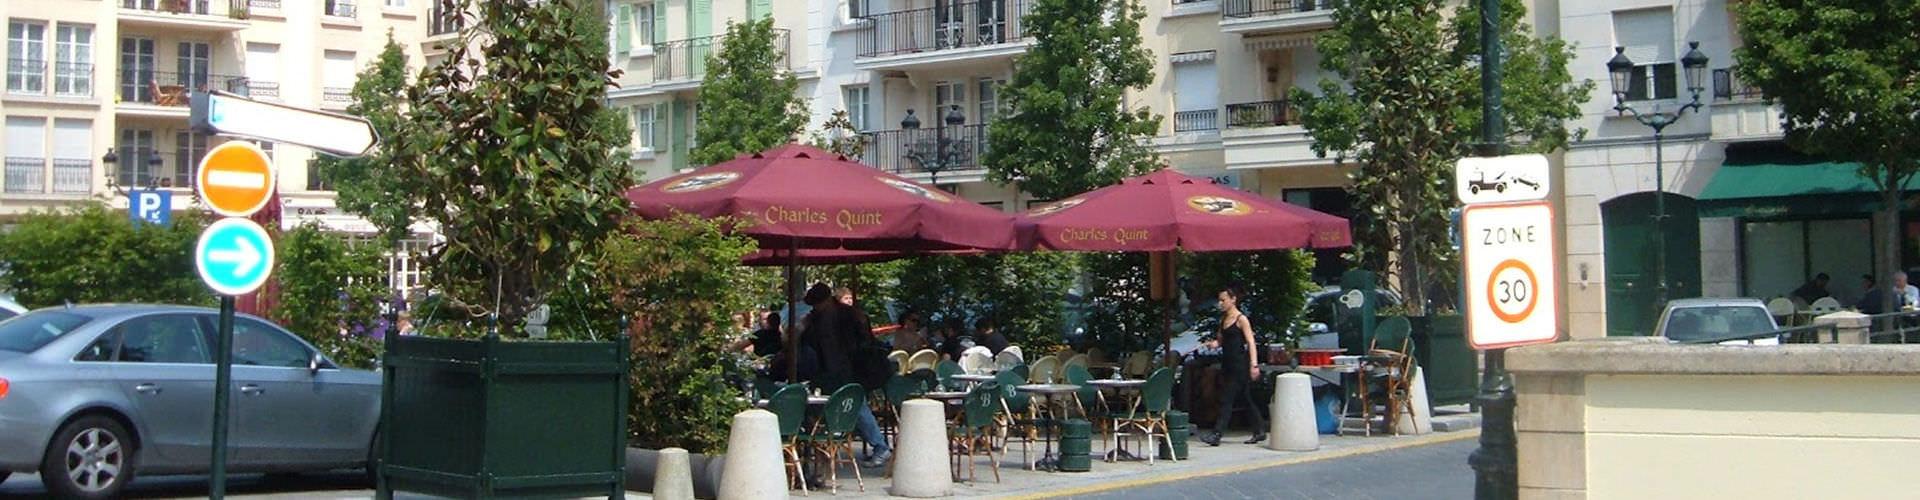 Niza - Albergues en el distrito Coeur de Ville . Mapas de Niza, Fotos y Comentarios para cada Albergue en Niza.